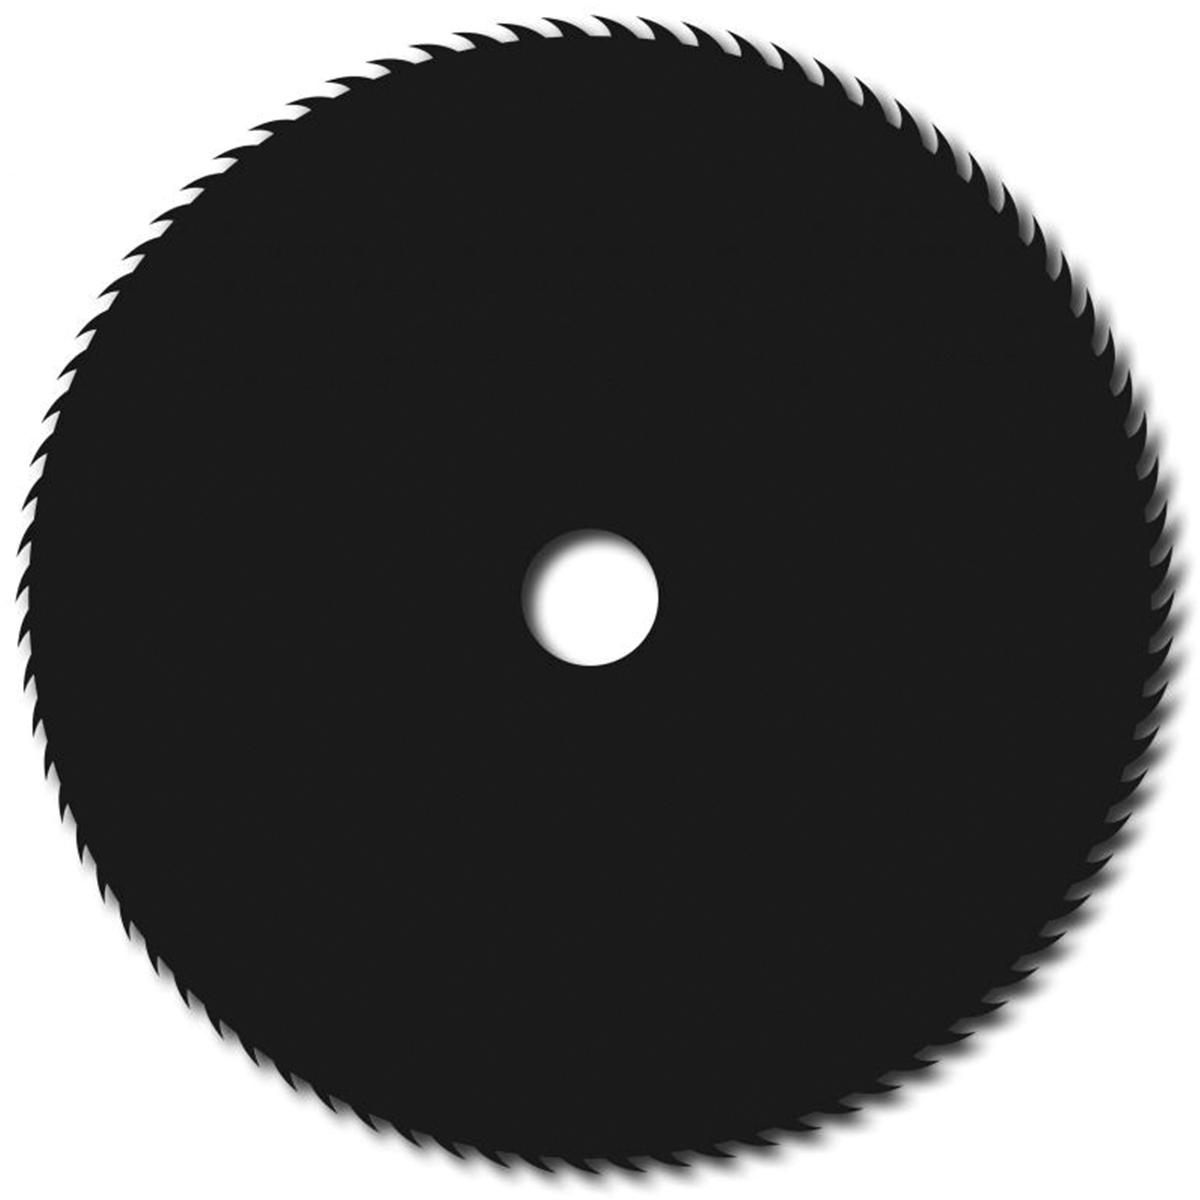 Нож для триммера Ставр НТ-250/80, диаметр 250 мм, толщина 1,6 ммст250-80Нож Ставр НТ-250/80, выполненный из стали, предназначен для триммеров и используется для кошения густой растительности, мелкого кустарника или веток. Диаметр диска: 250 мм.Толщина диска: 1,6 мм.Посадочный диаметр круга: 25,4 мм.